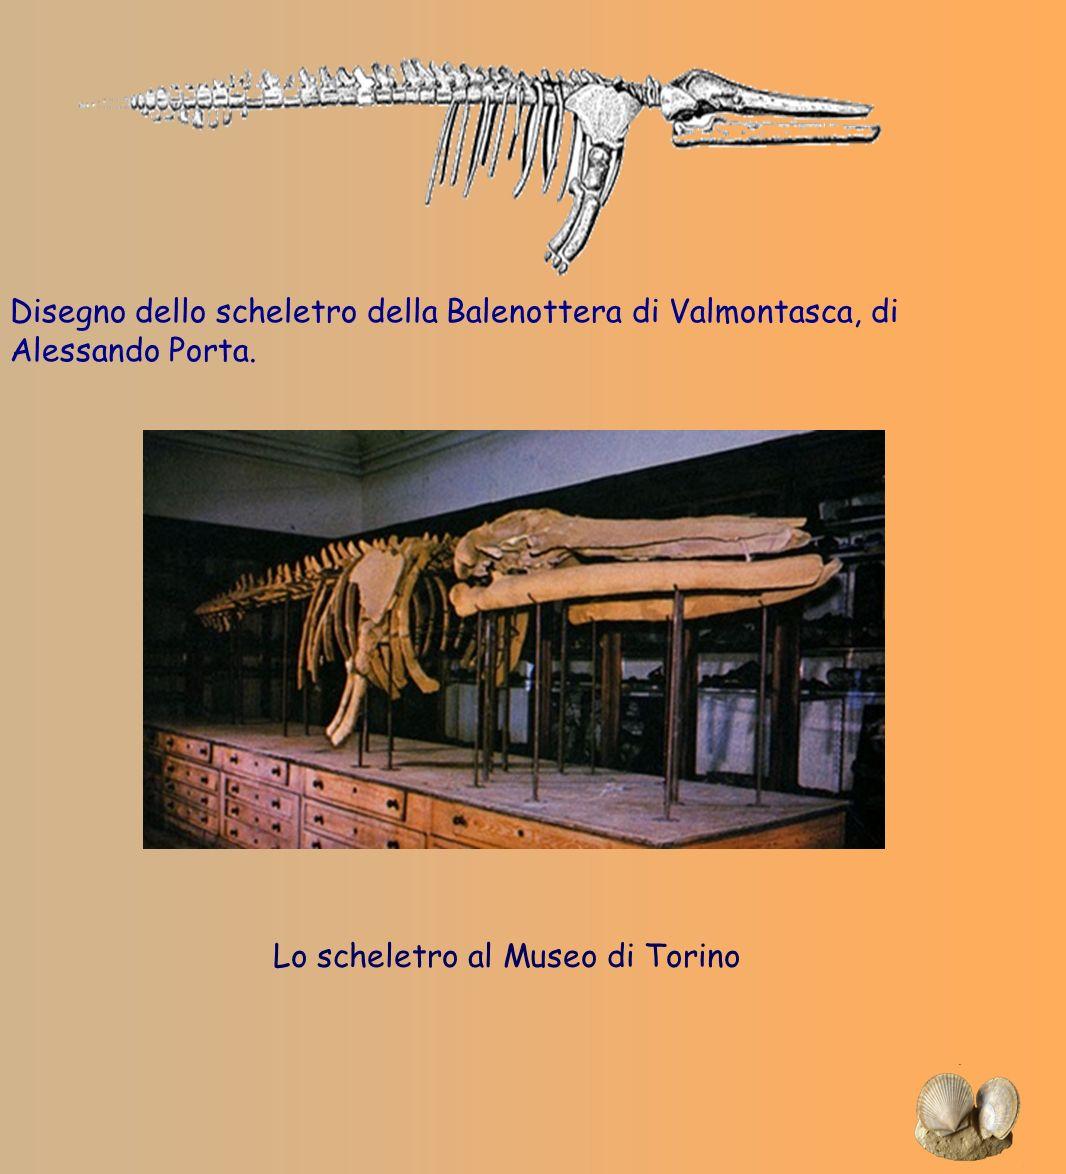 Disegno dello scheletro della Balenottera di Valmontasca, di Alessando Porta. Lo scheletro al Museo di Torino